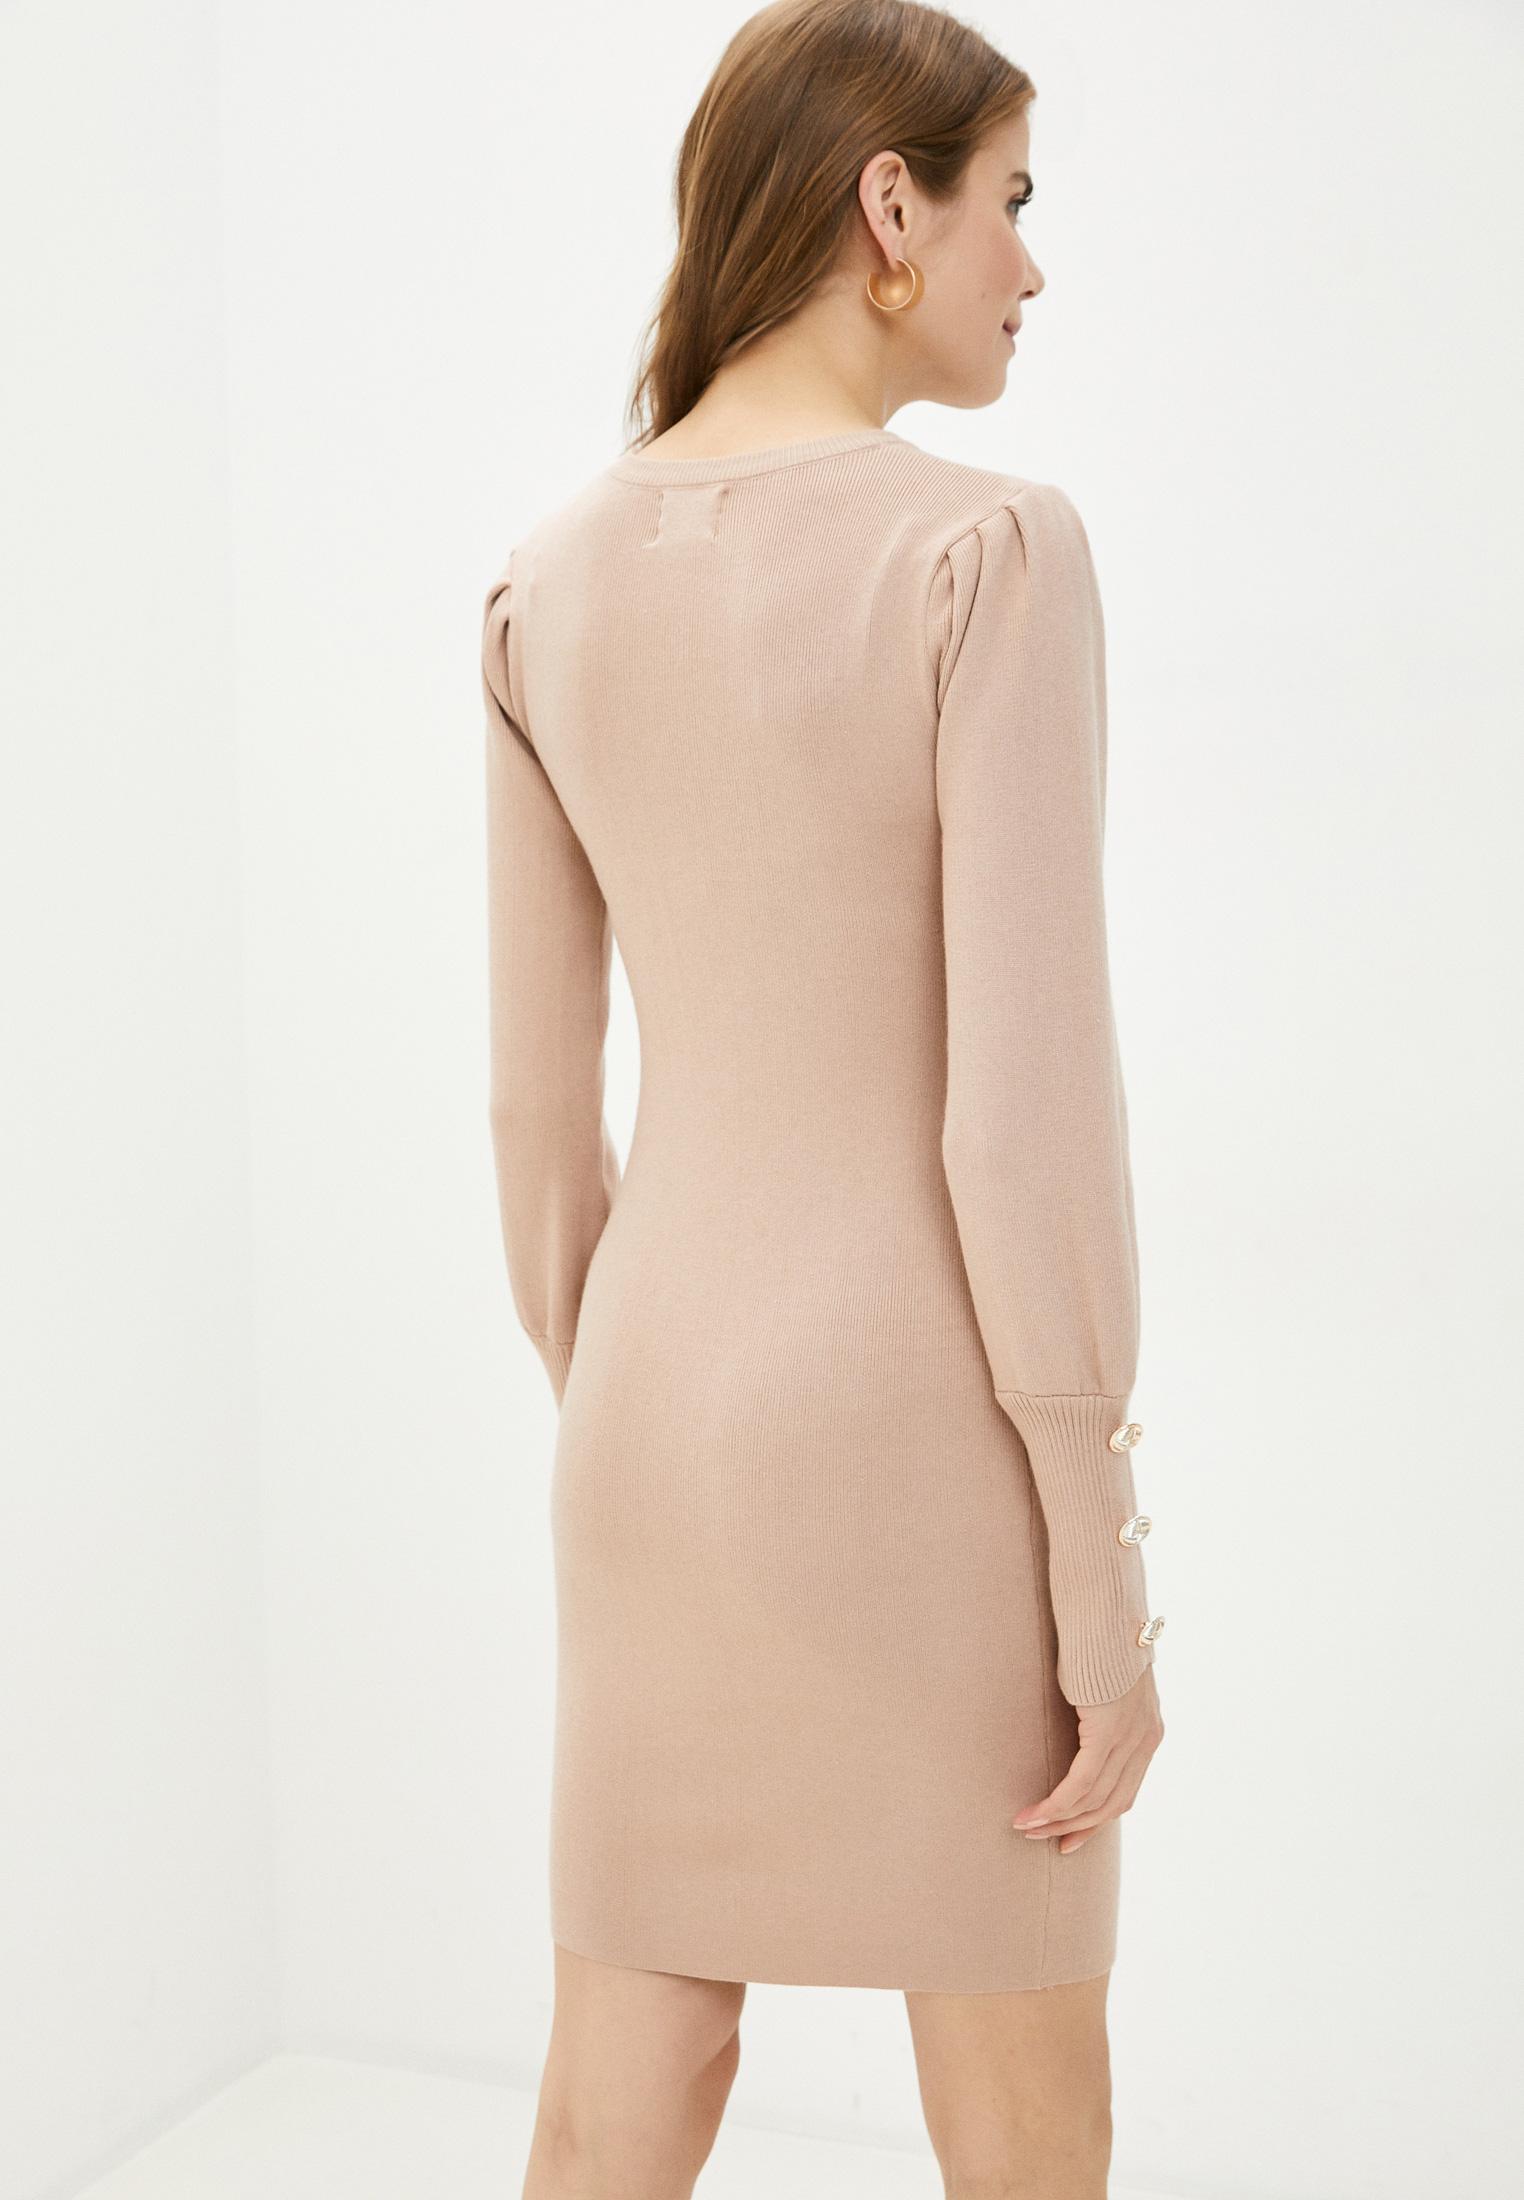 Вязаное платье Bigtora 221: изображение 3